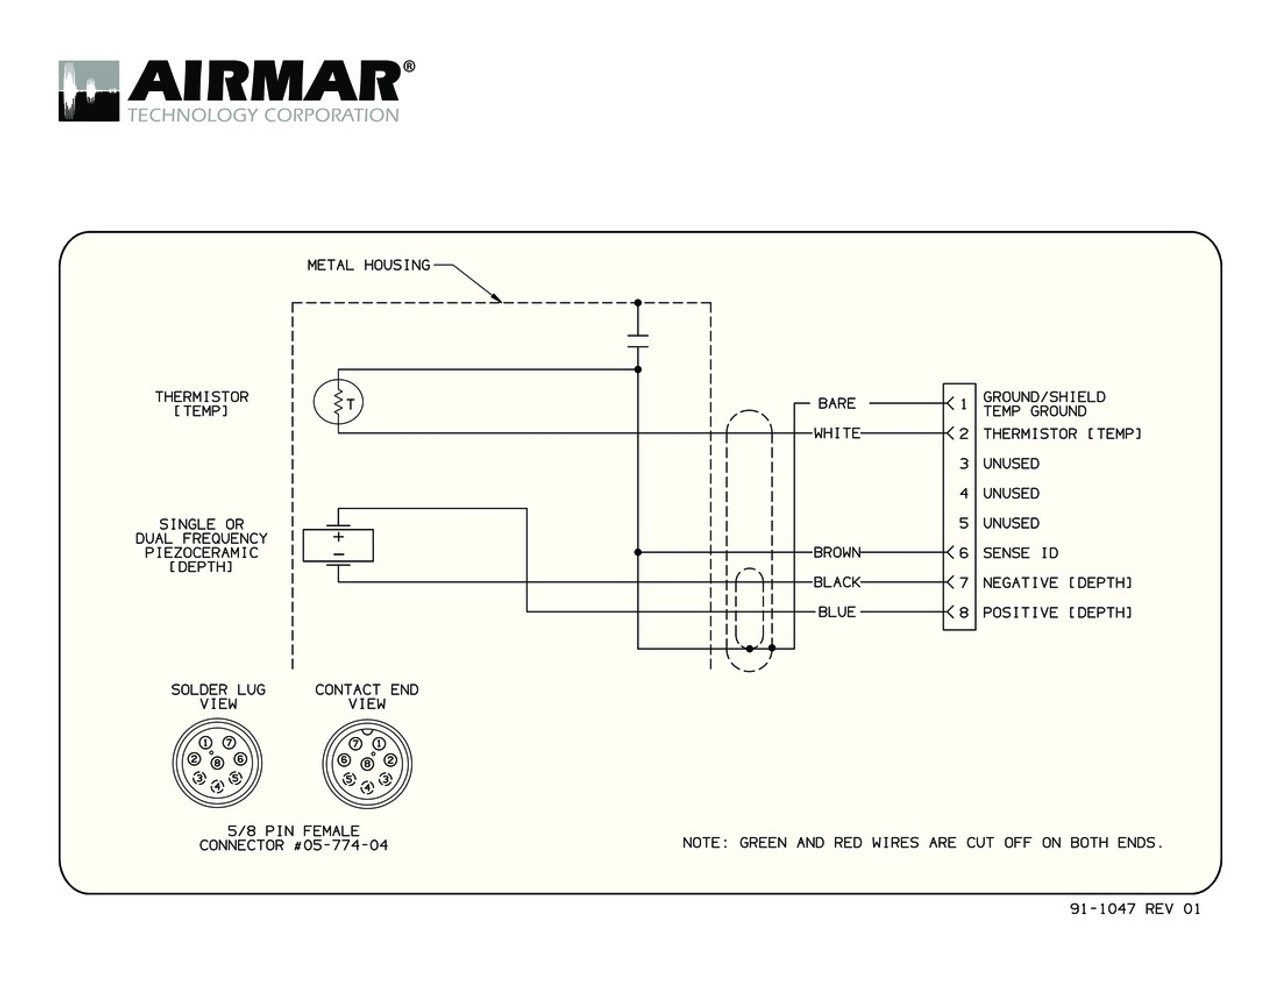 medium resolution of garmin gps 441s wiring diagram wiring schematic diagram 192garmin 441s wiring diagram wiring schematic diagram 192